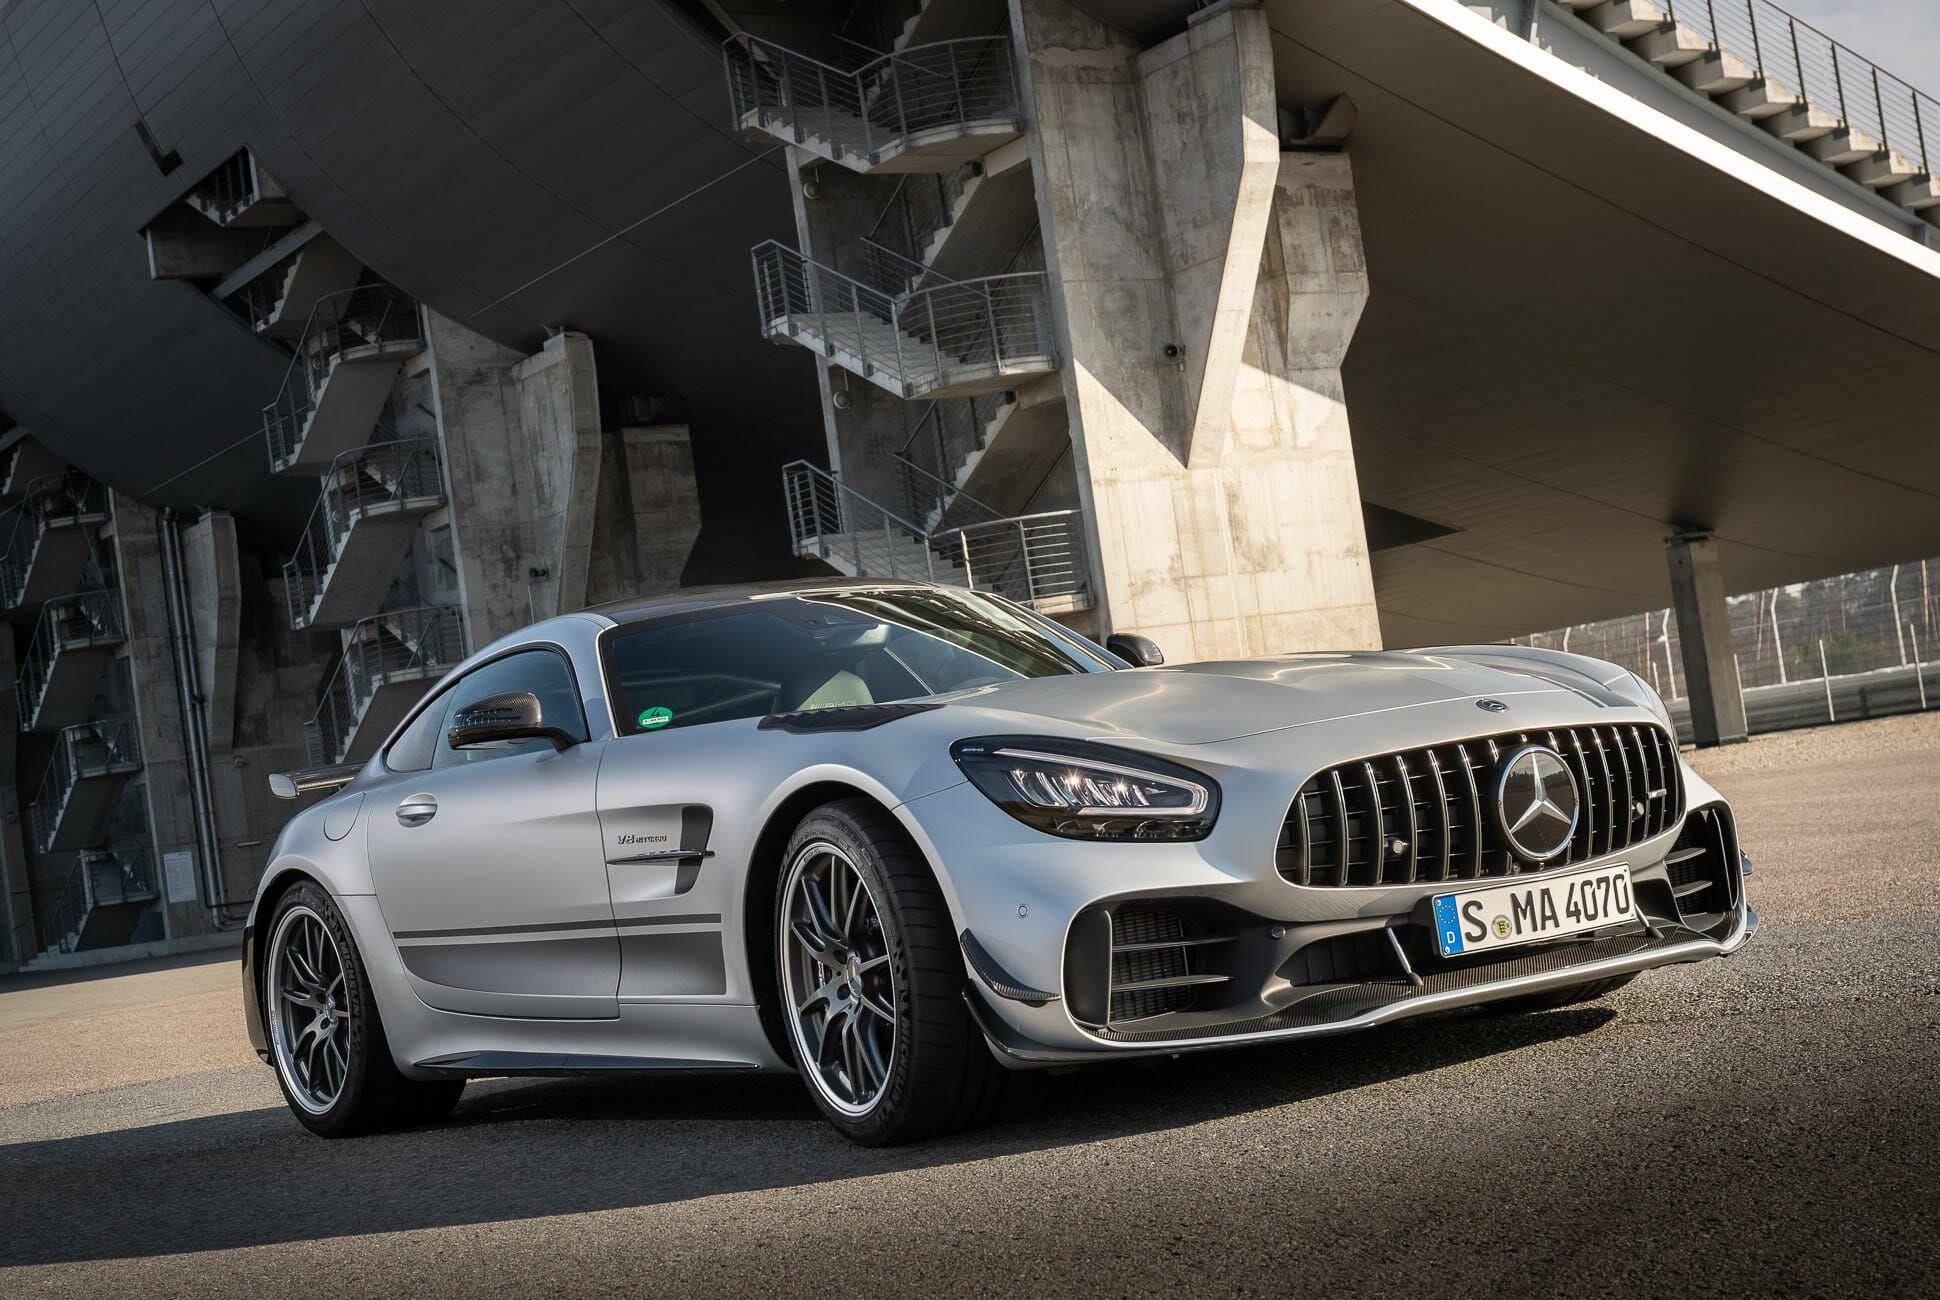 Mercedes-AMG GT Familie und AMG GT R PRO Presse Fahrvorstellung. Hockenheimring 2019 //Mercedes-AMG GT Family and AMG GT R PRO Press Test Drive. Hockenheimring 2019